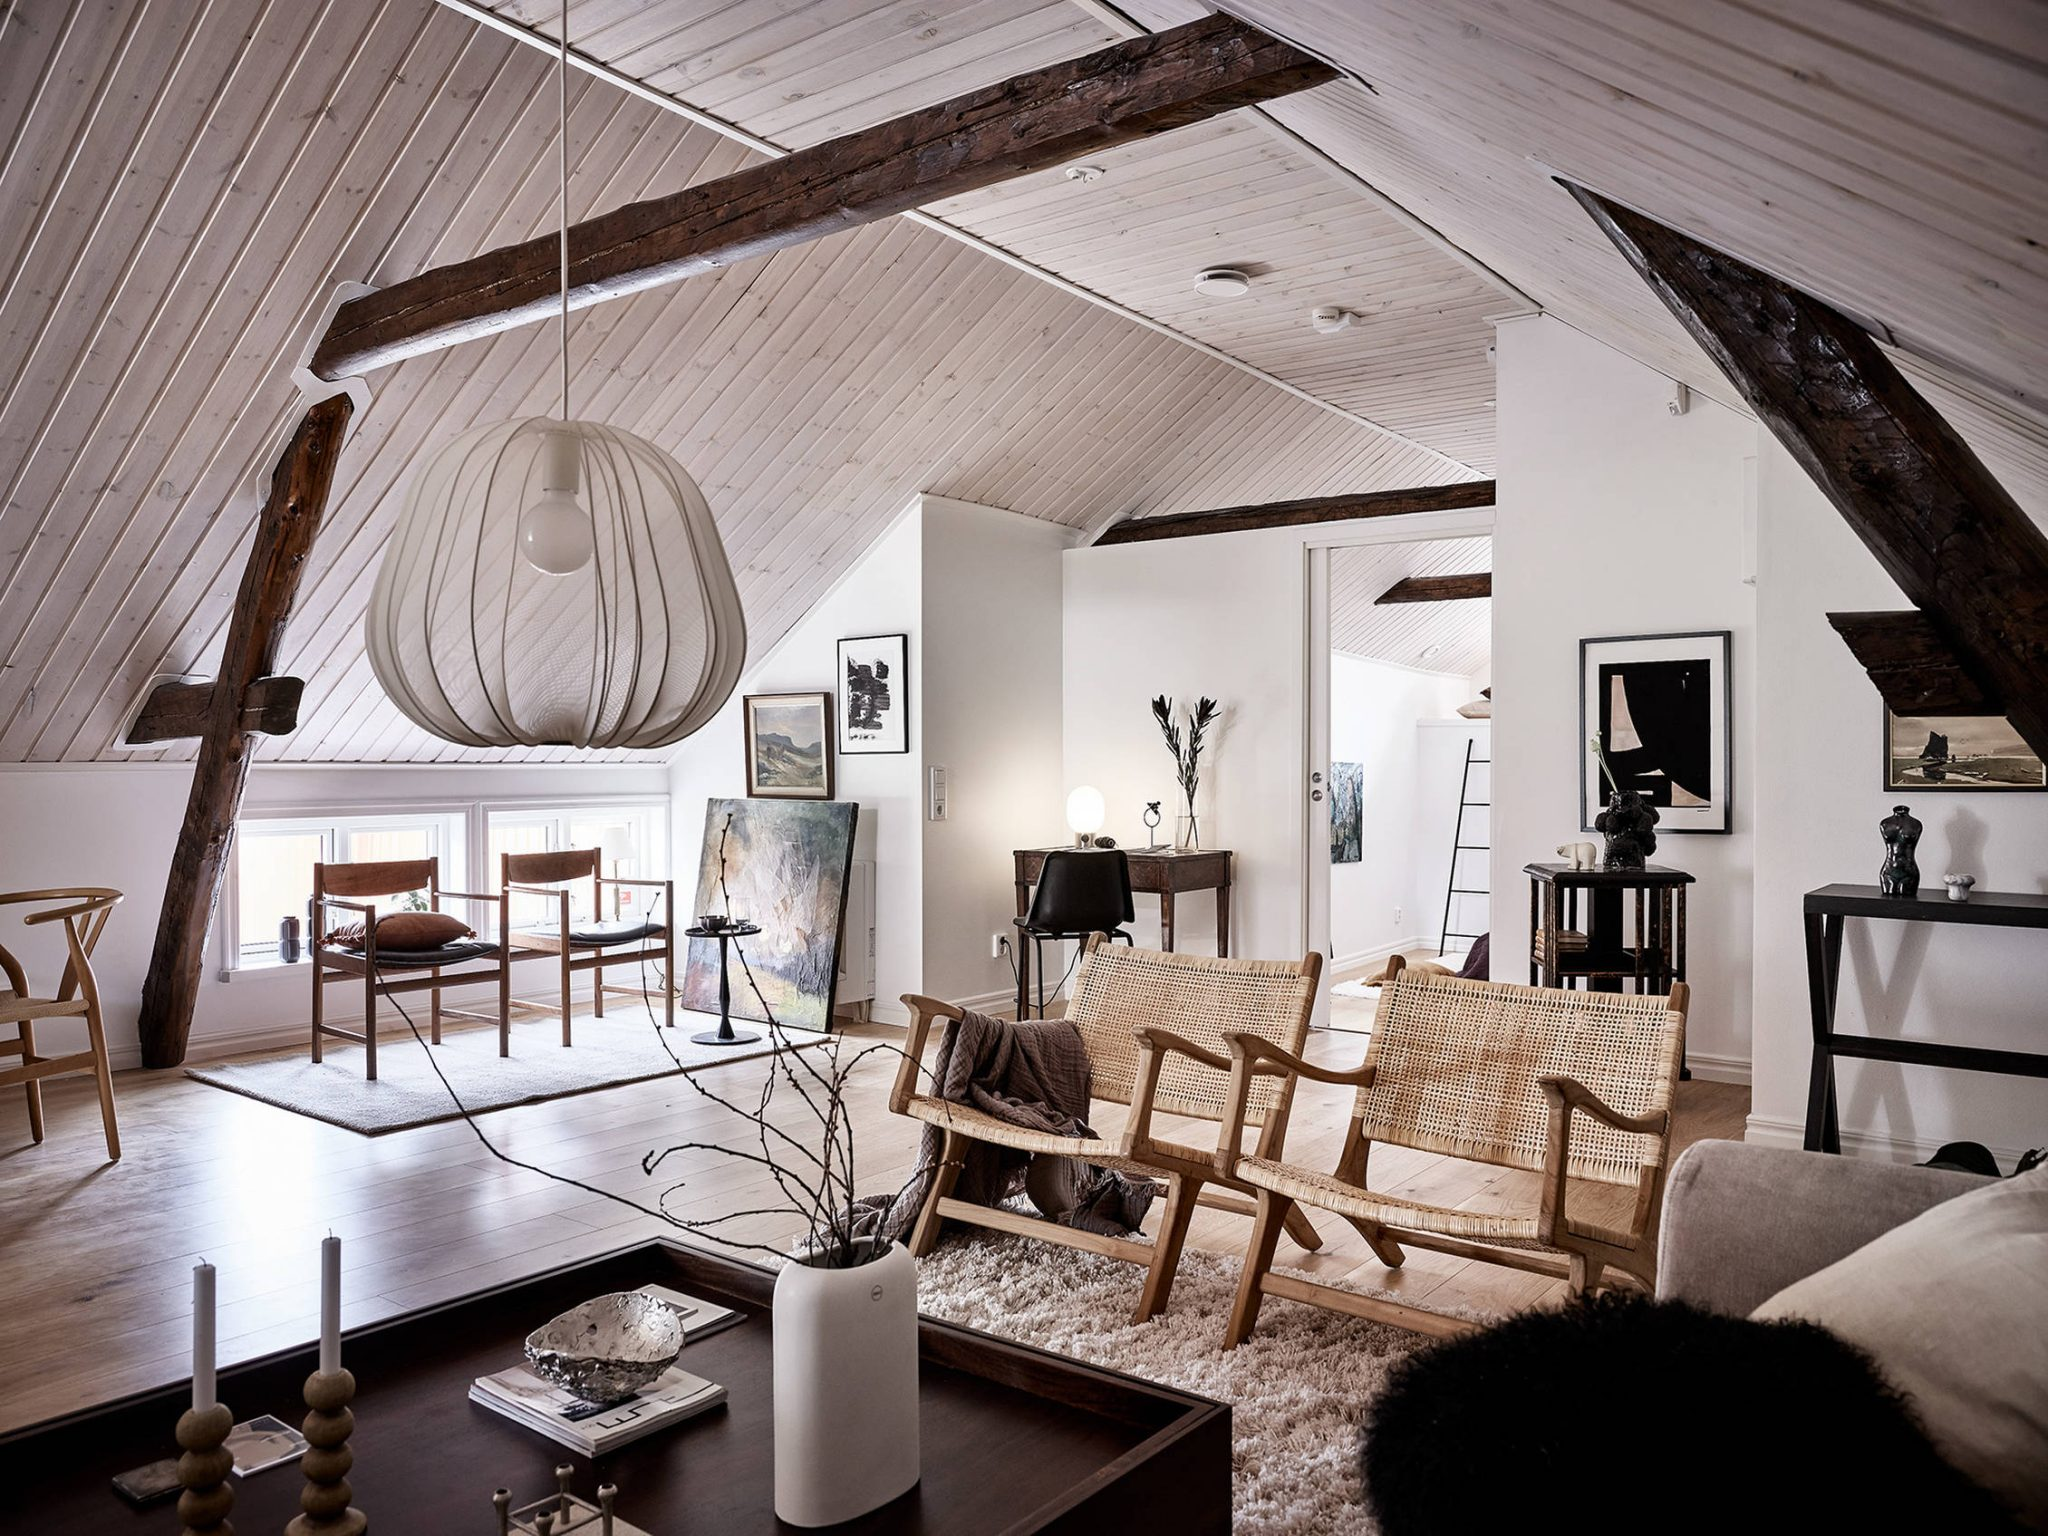 Tavan înclinat și decor rusti scandinav într o casă din Suedia 7